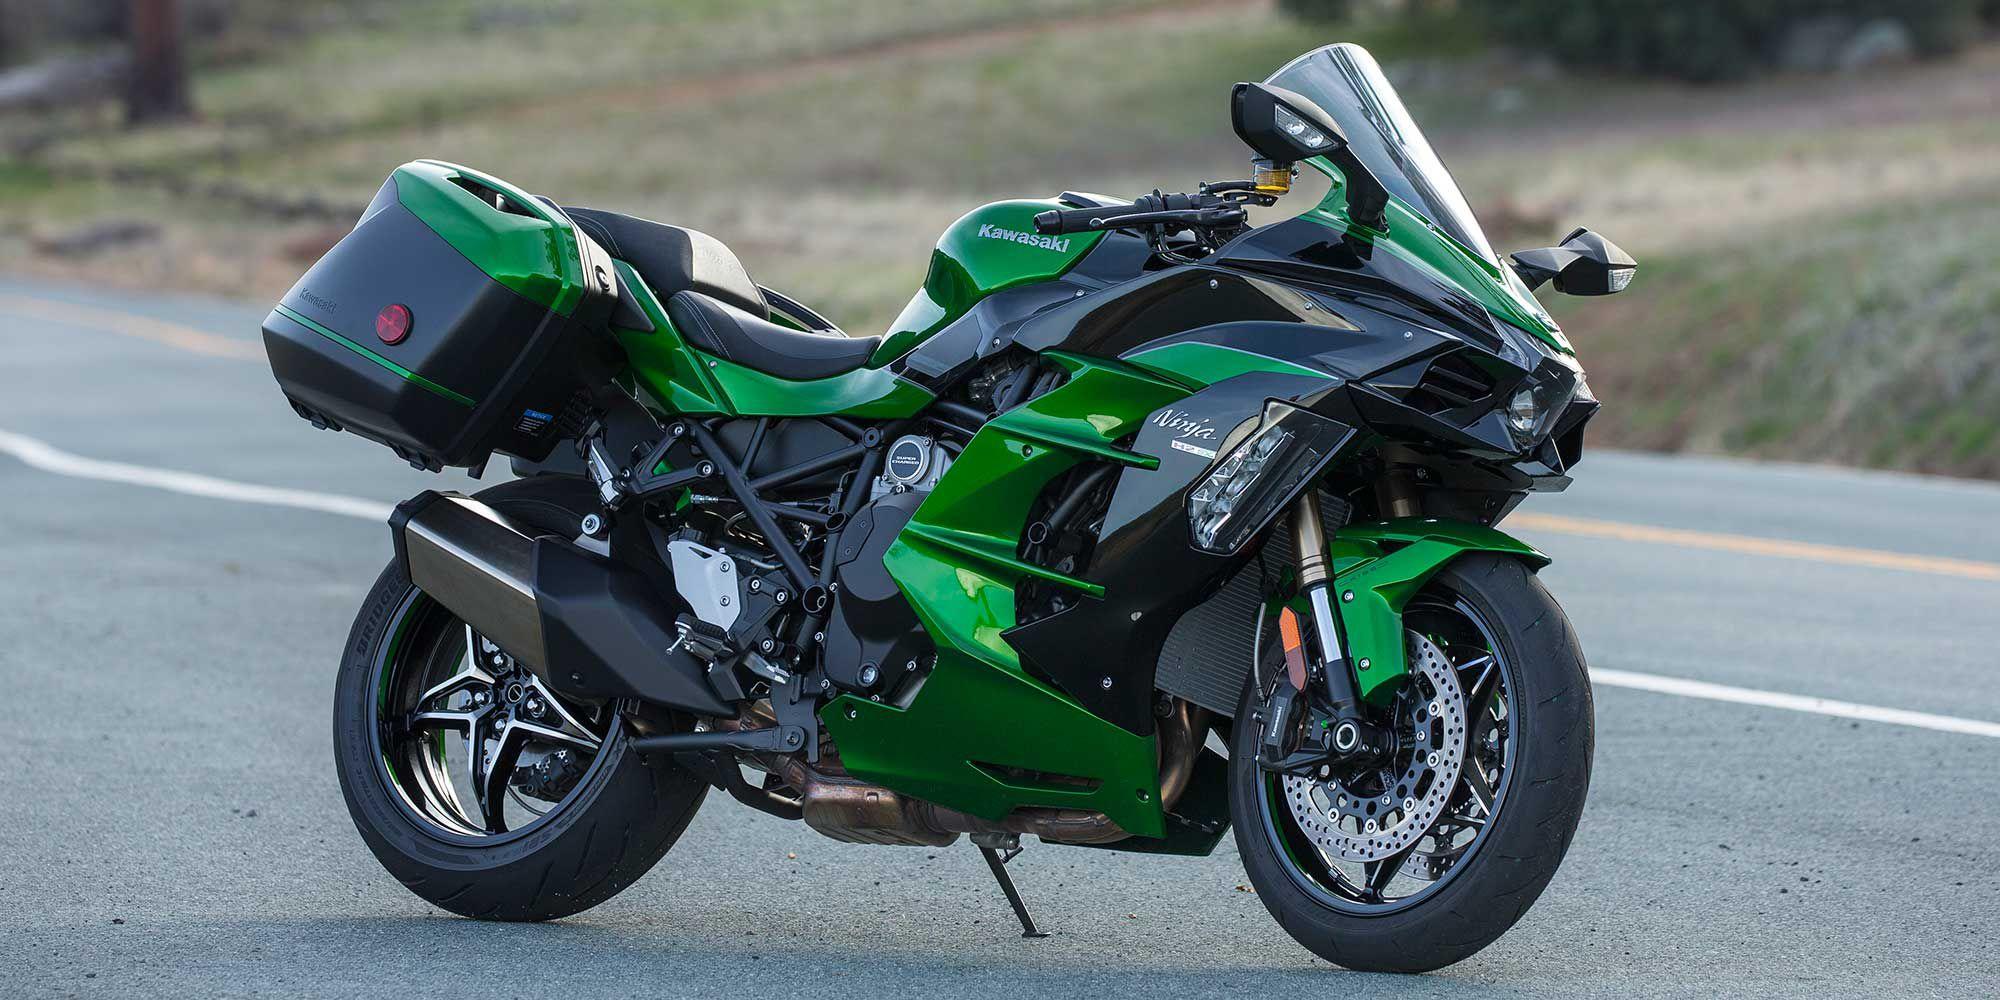 2018 Kawasaki H2 Sx Se Favorites And Fails Motorcyclist